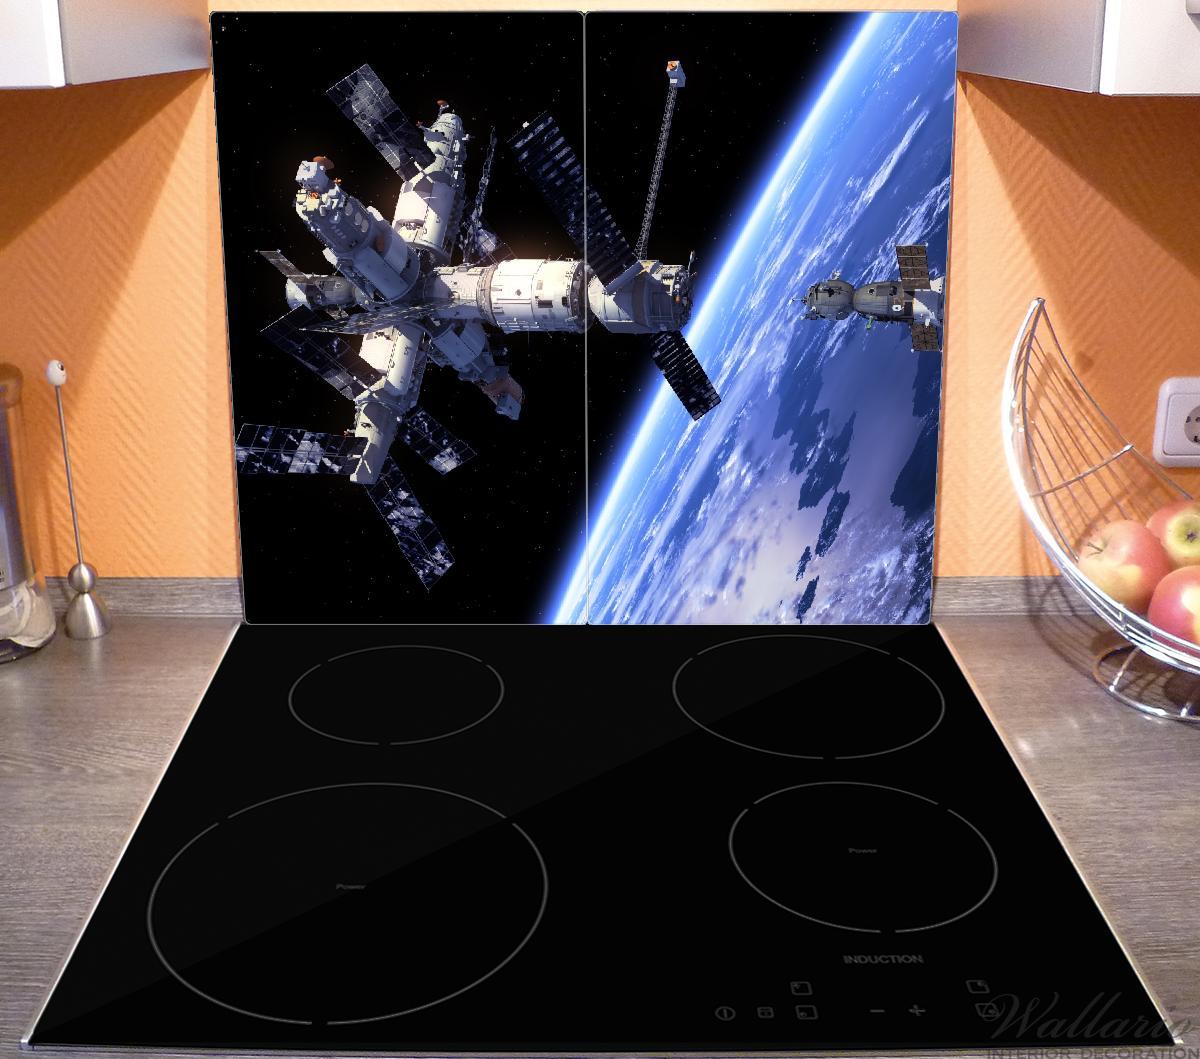 Herdabdeckplatte Raumfahrt - Raumstation und Raumschiff im Weltall – Bild 3